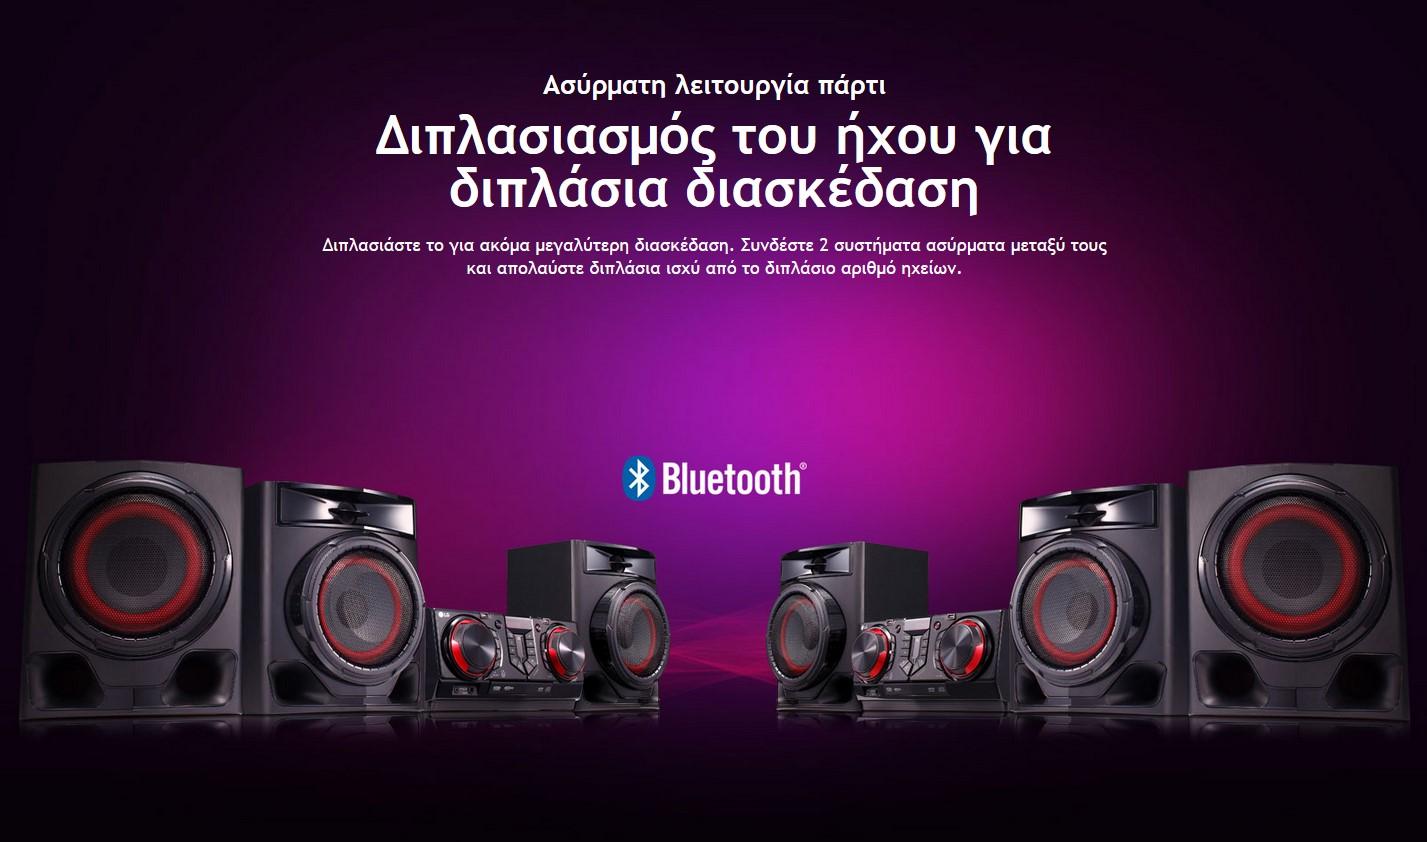 8806084857217_CJ45_002.jpg